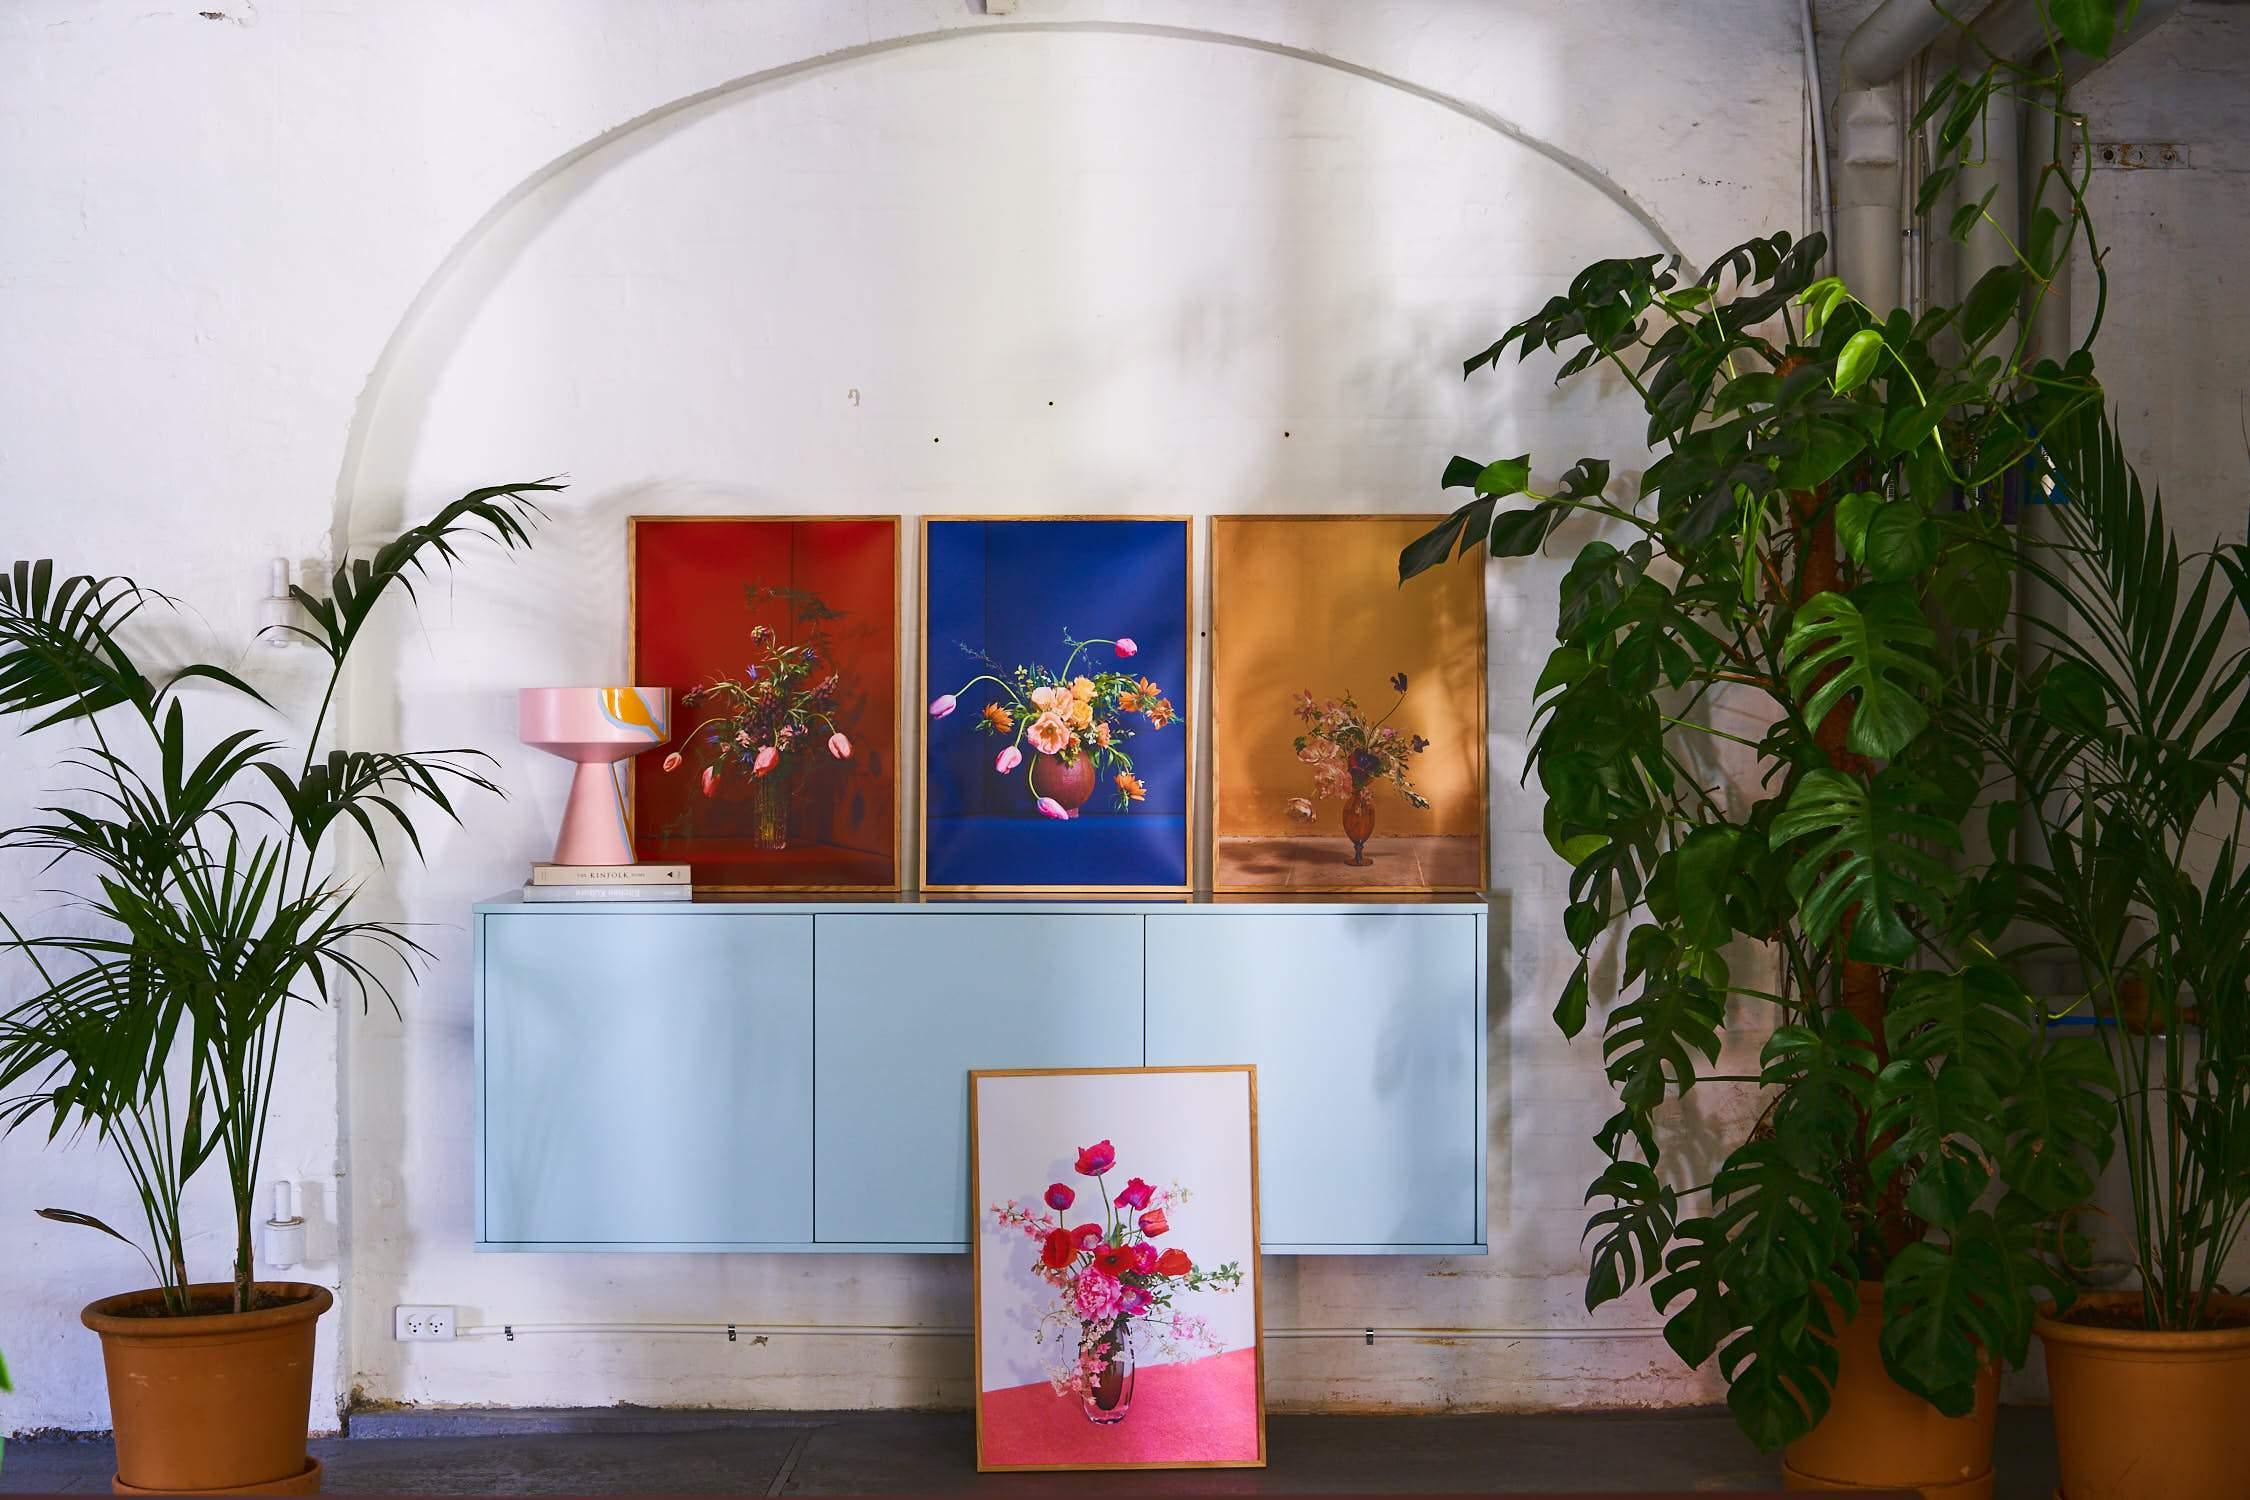 Plakat, blomster. Foto: PR)